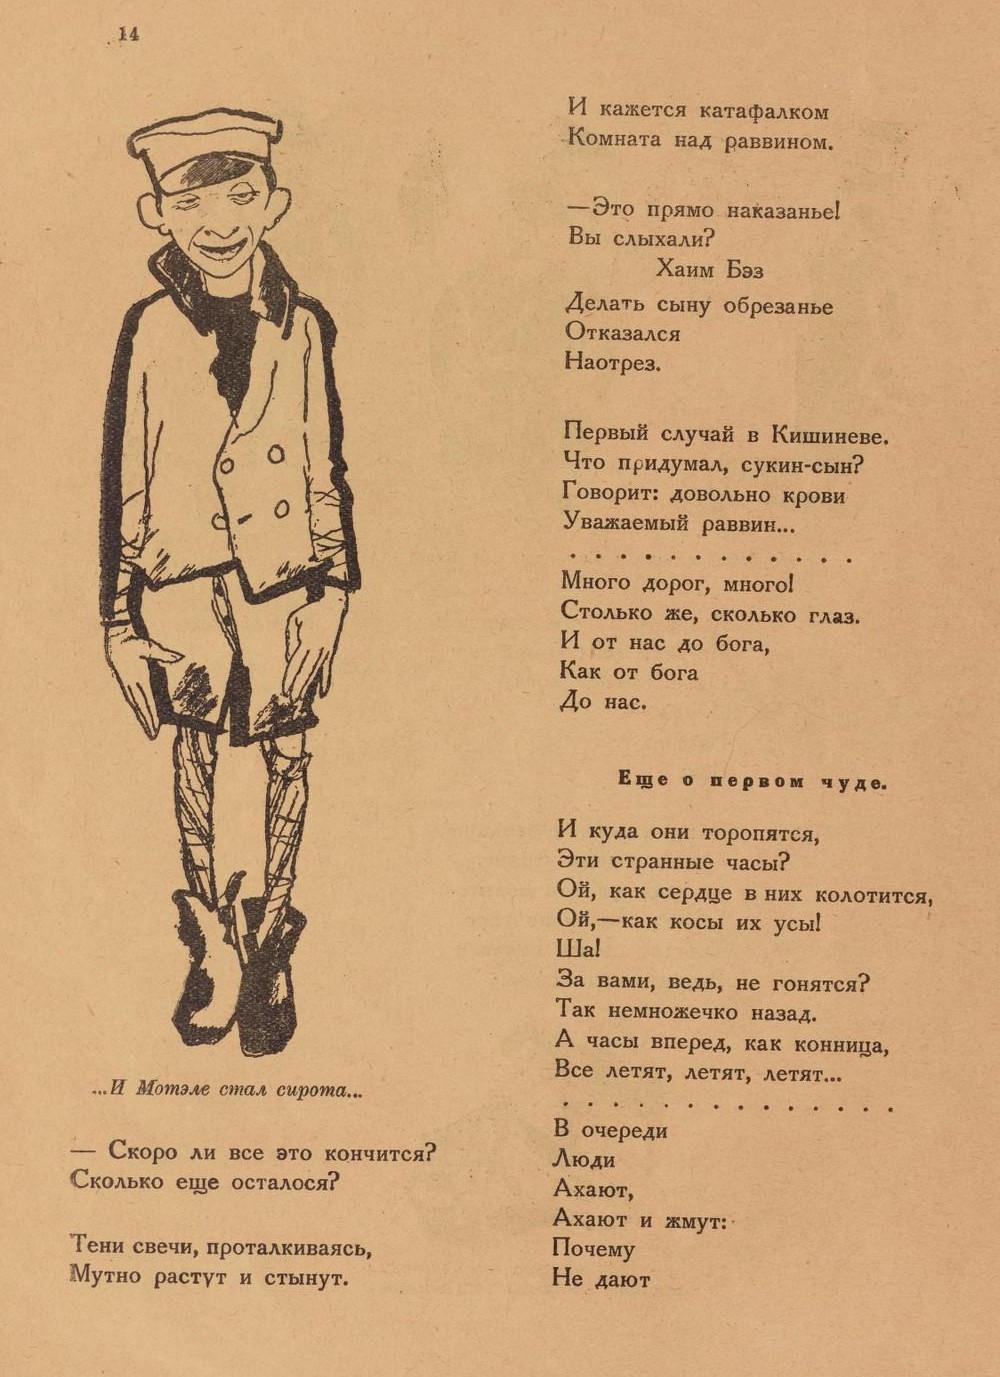 «Повесть о рыжем Мотэле, господине инспекторе, раввине Иссайе и комиссаре Блох» (1926 год) 12